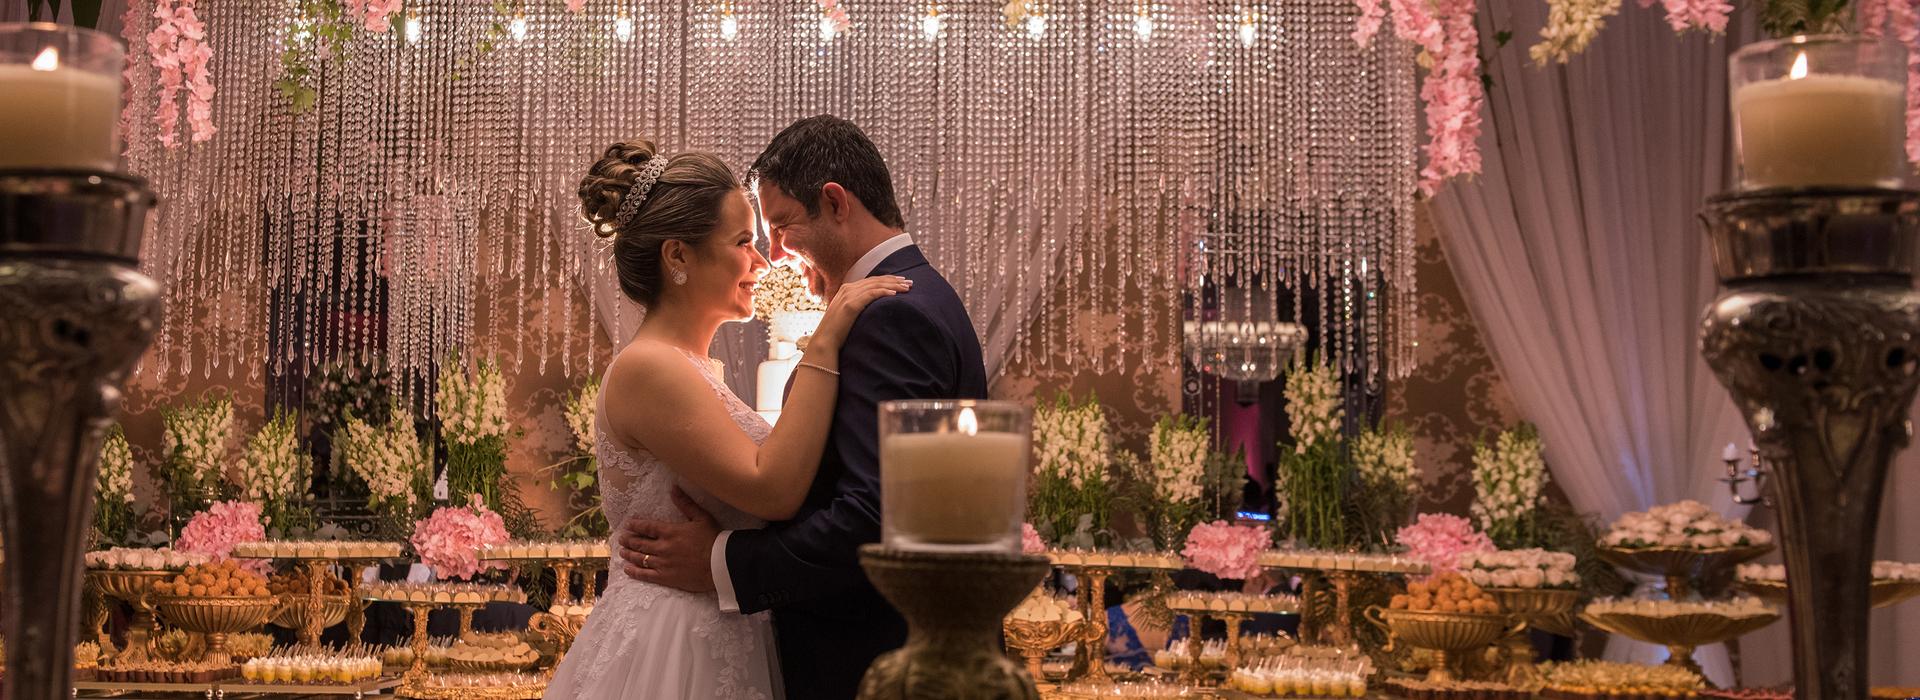 de Mayara e Edilson em Casamento